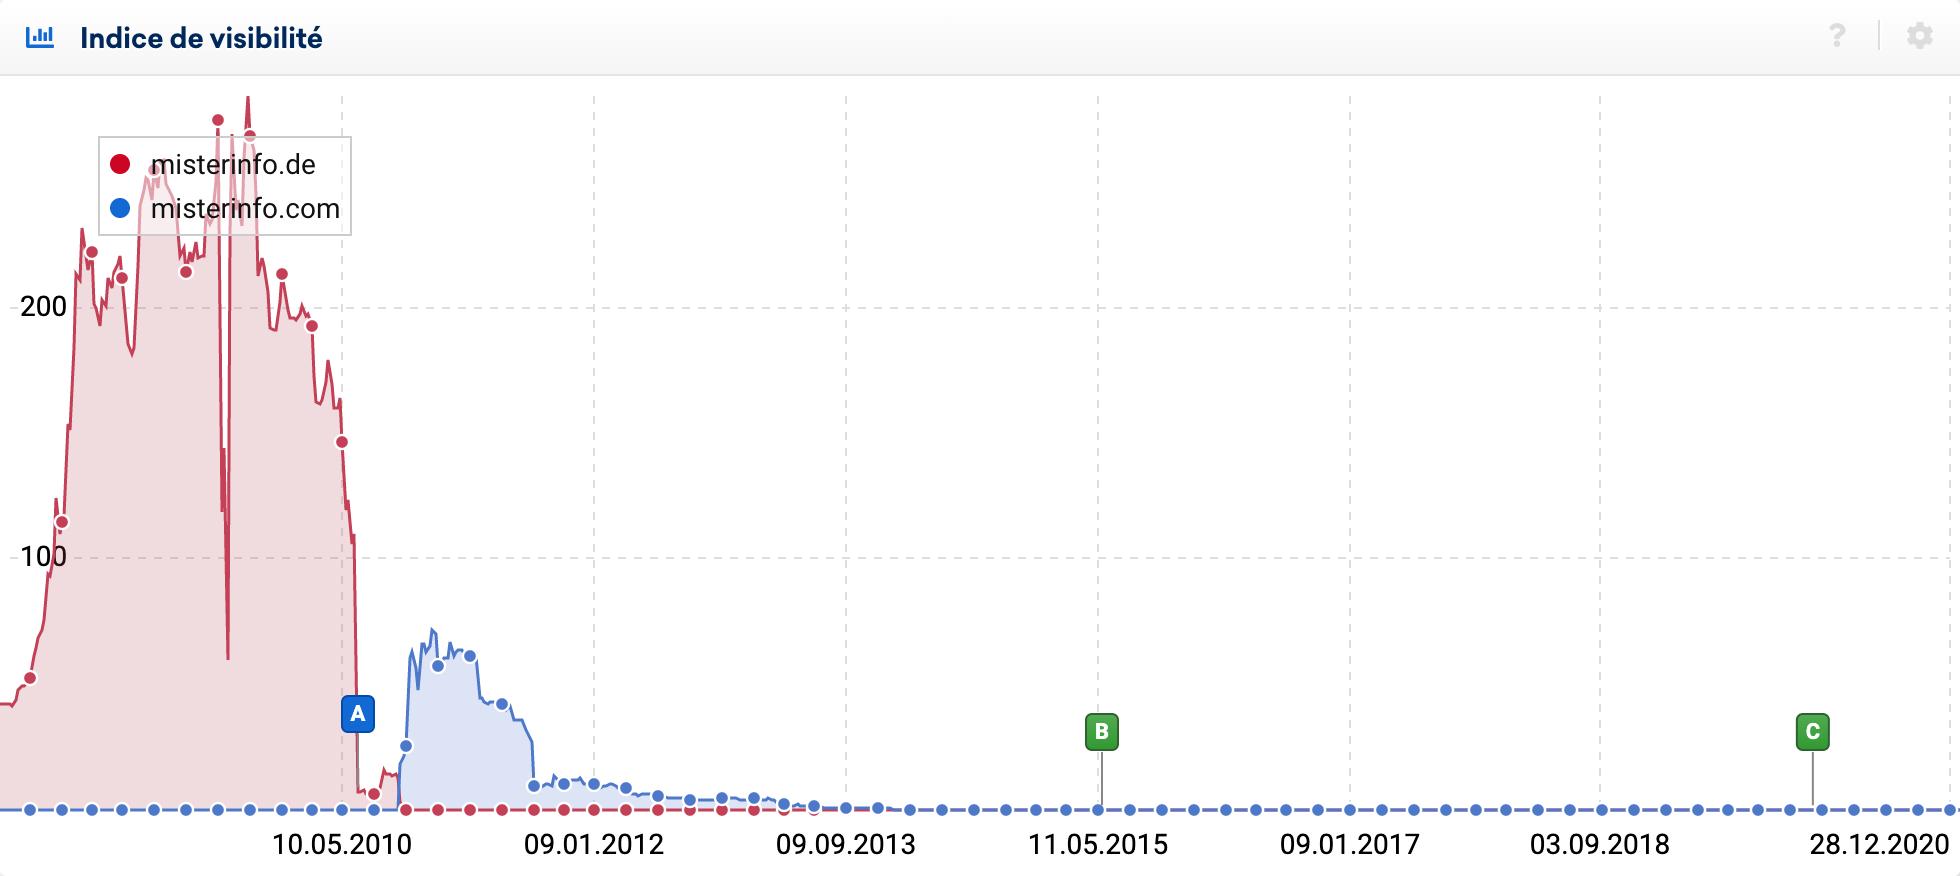 Changement de domaine de Misterinfo (Google Allemagne)